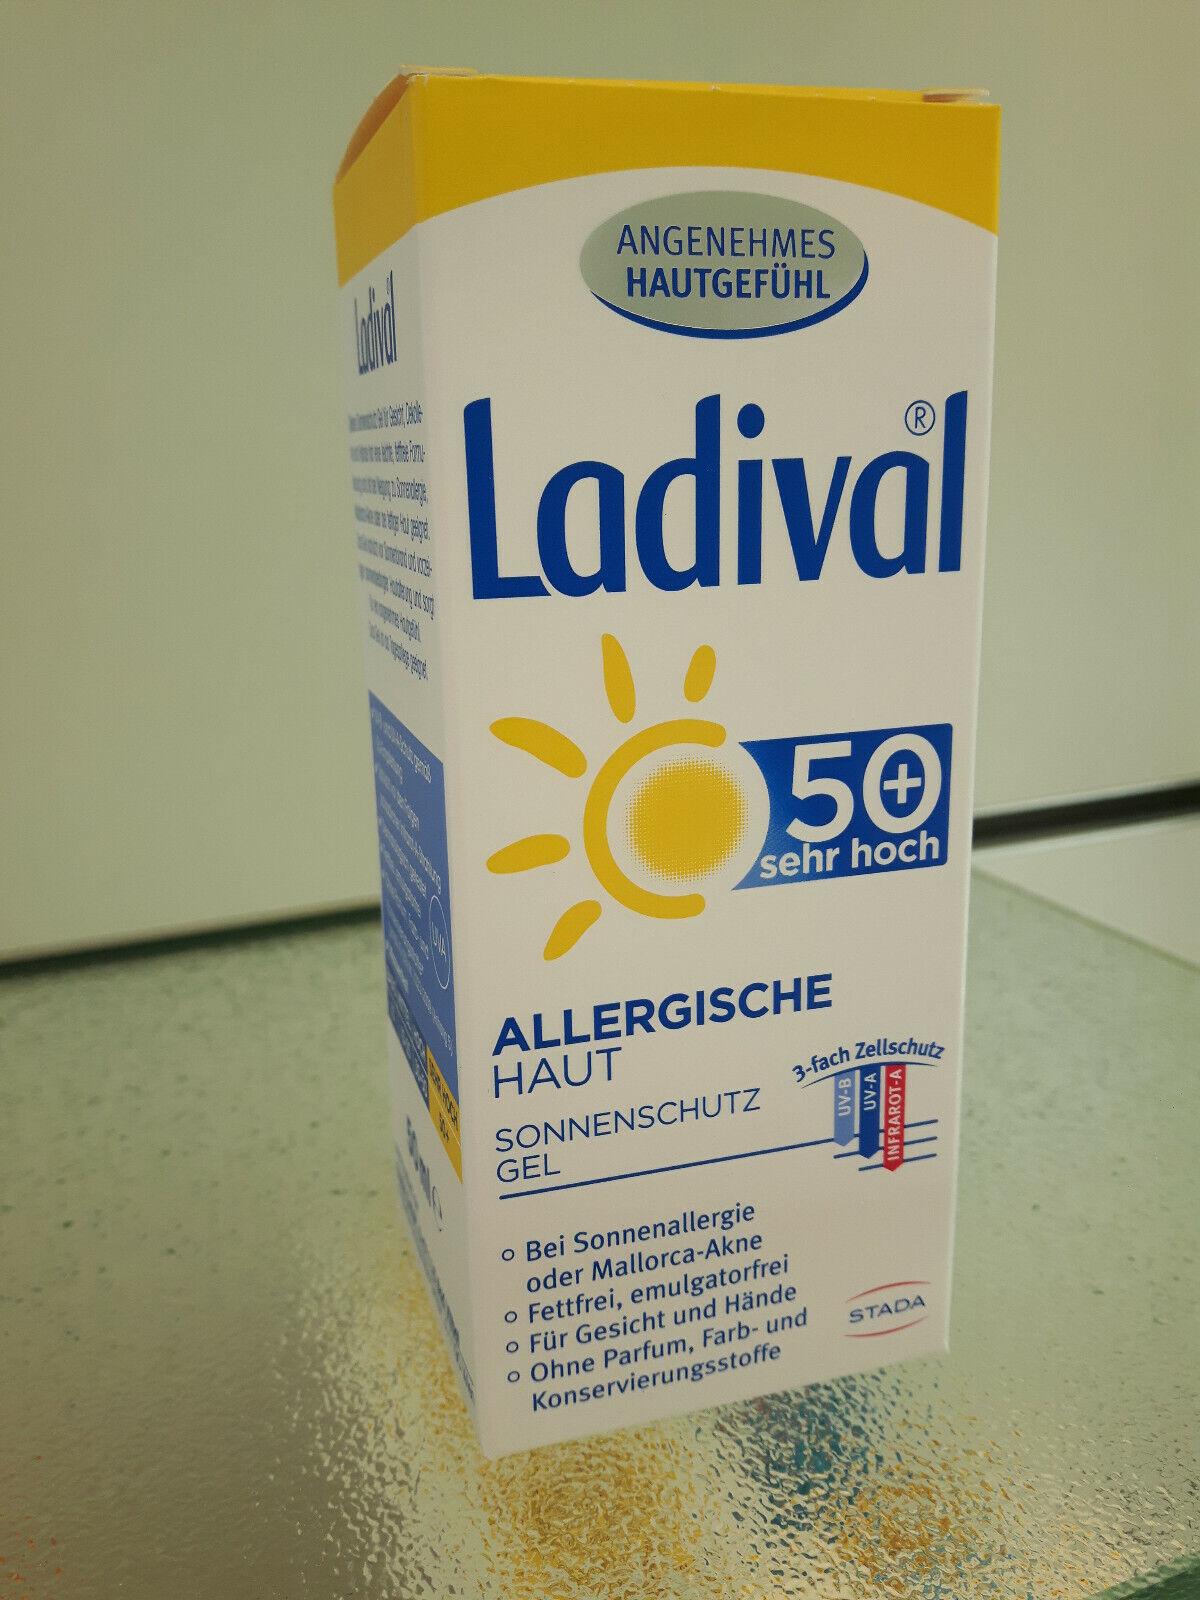 Ladival allergische Haut Sonnenschutz Gel fürs Gesicht LSF50 50ml PZN 13229661